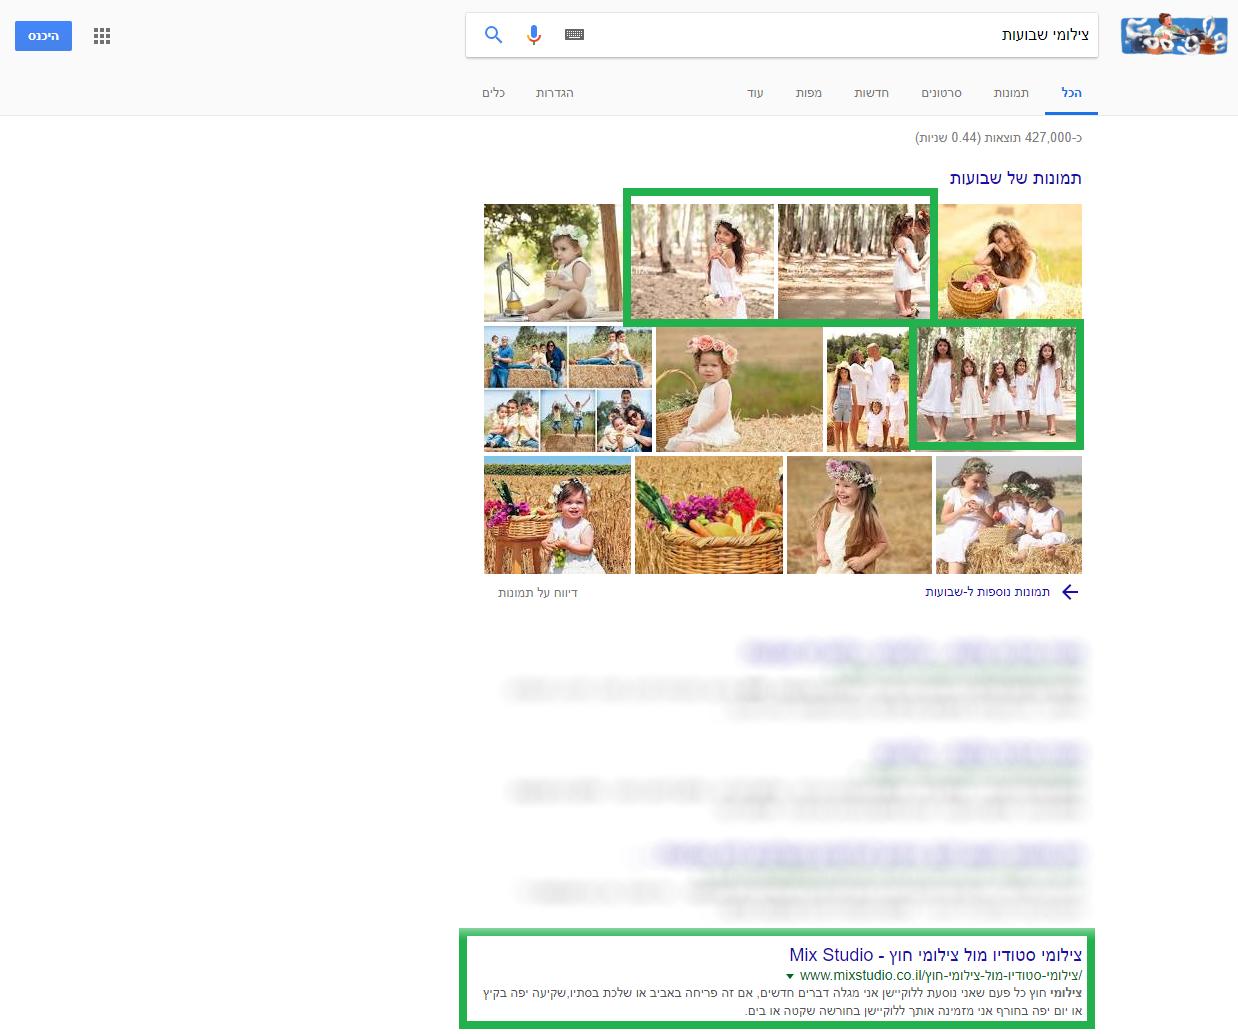 דוגמא לדירוג תמונות לחיפוש צילומי שבועות